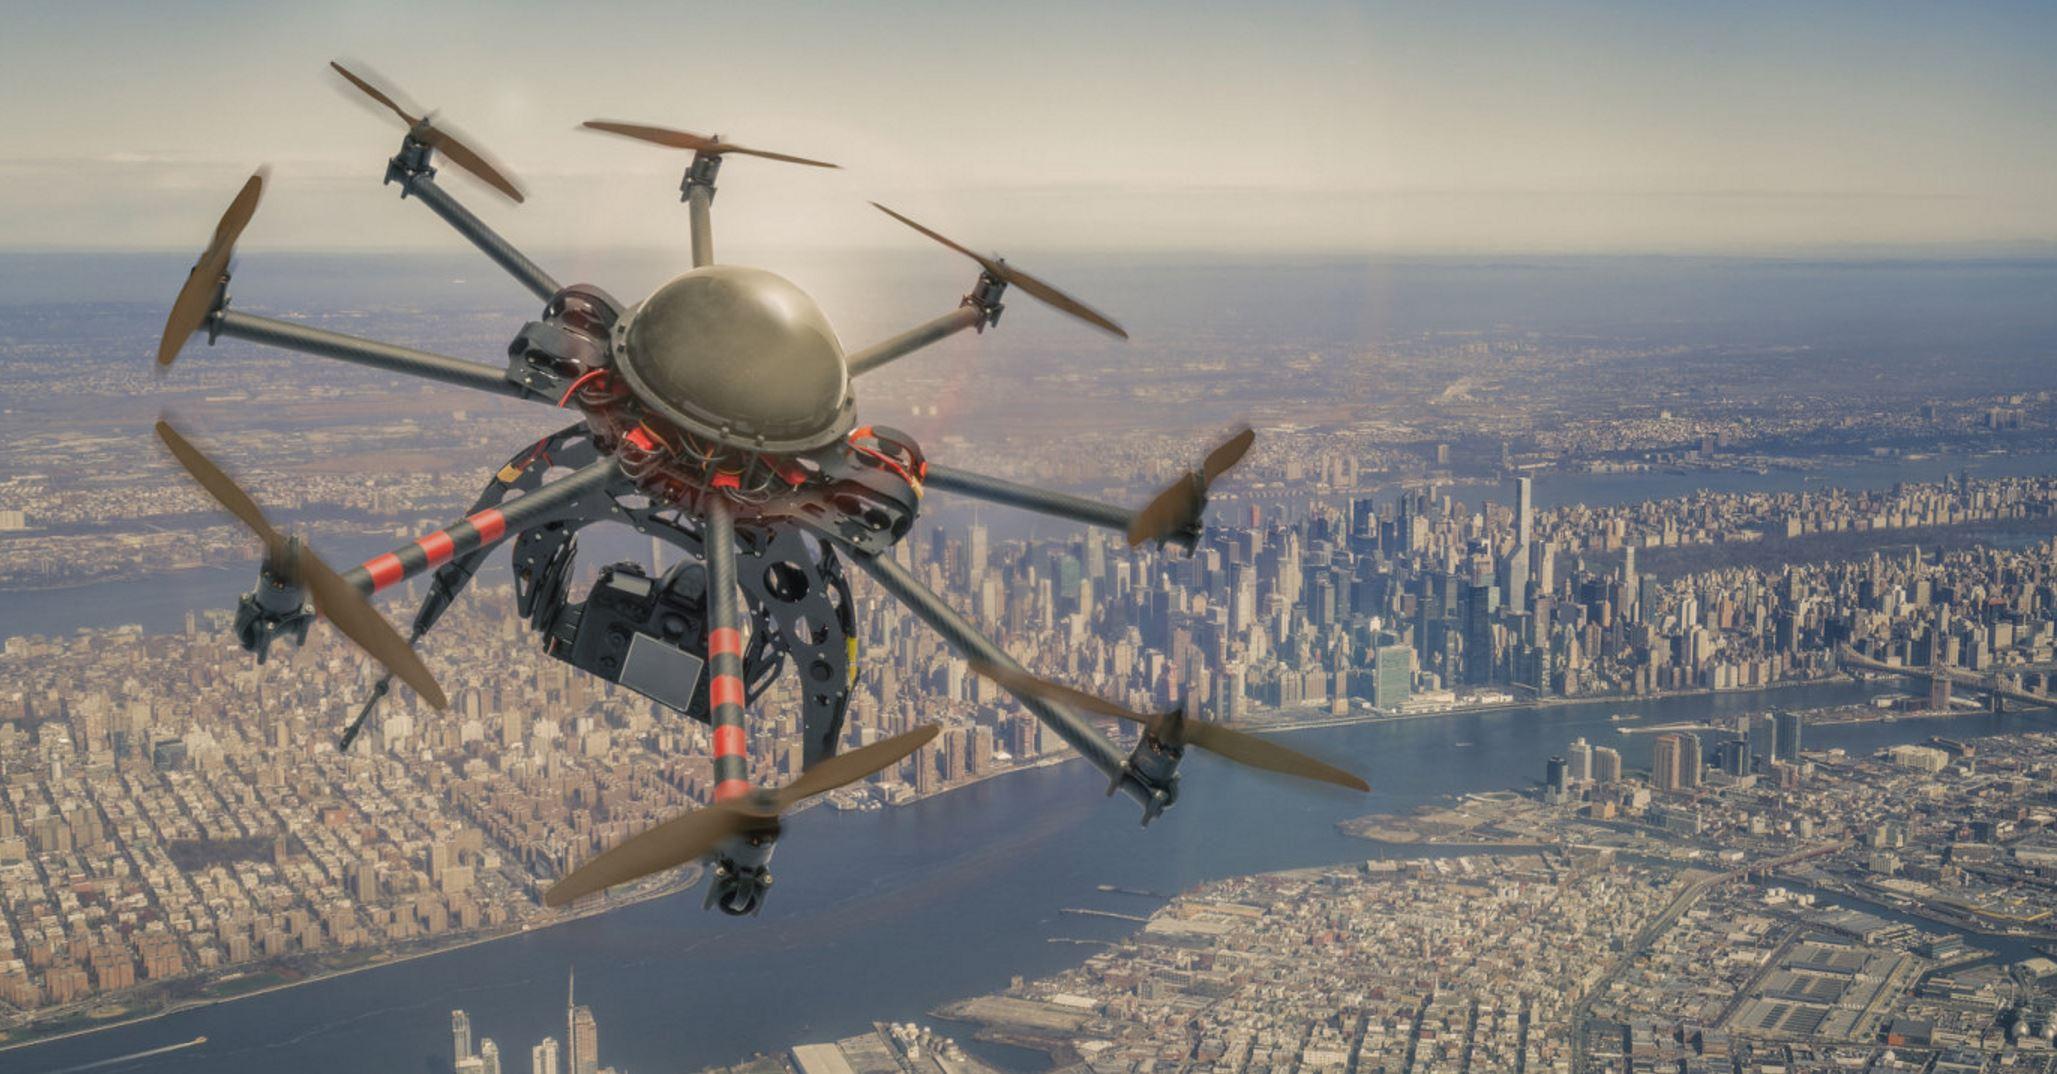 Los bomberos neoyorkinos utilizarán drones para reforzar su seguridad